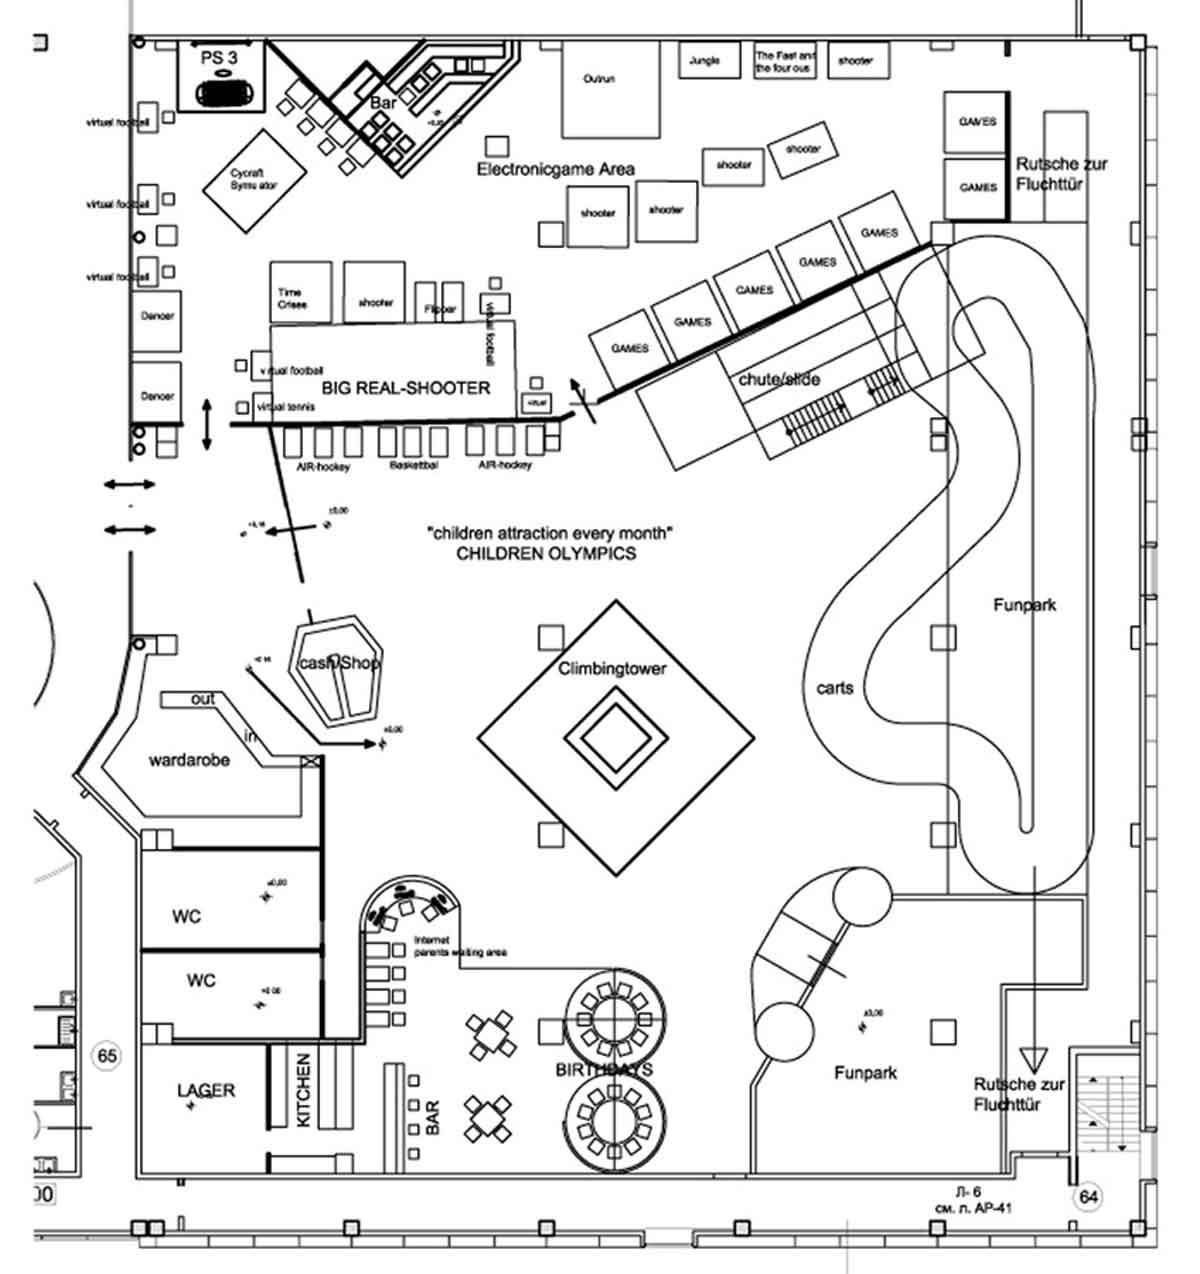 Shopping Center Astana - große Indoor Kinder Spielhalle - Grundriss für alle Bereiche Ausstattung Interior Design Planung Milo